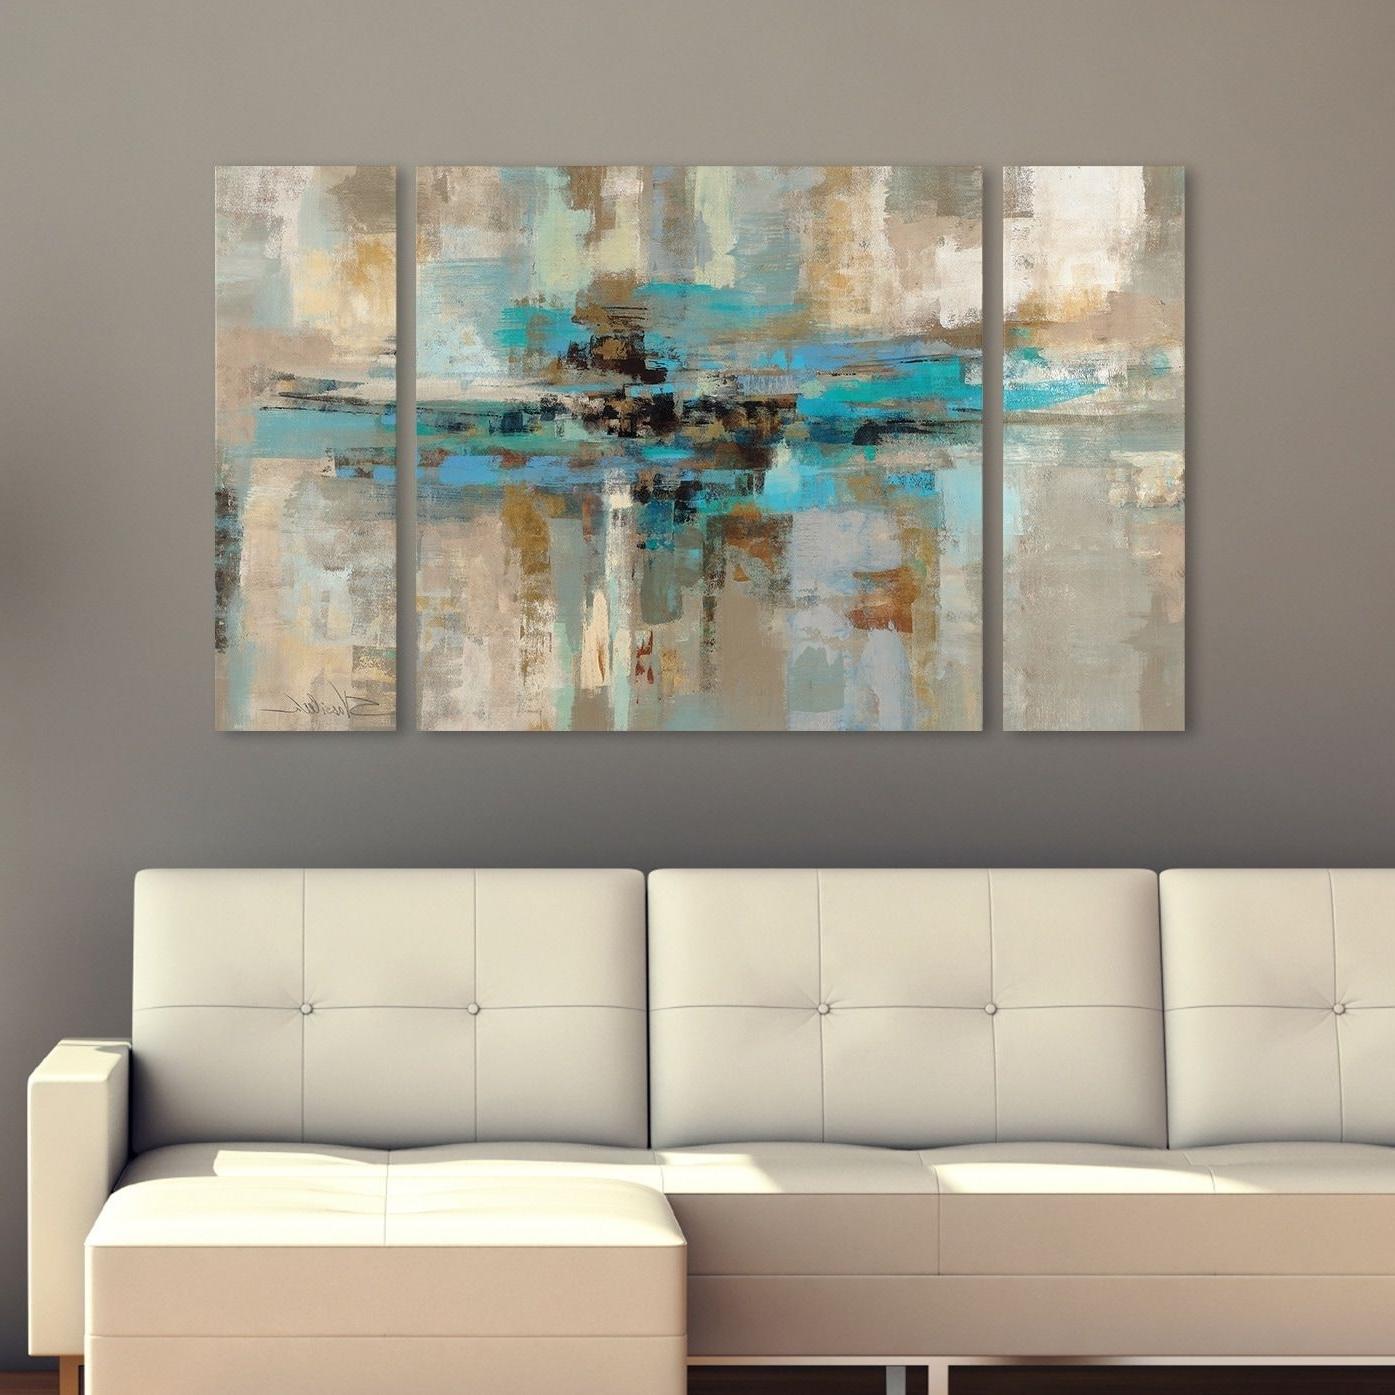 Silvia Vassileva Morning Fjord 3 Piece Canvas Wall Art Set In Most Current 3 Piece Canvas Wall Art (View 11 of 15)